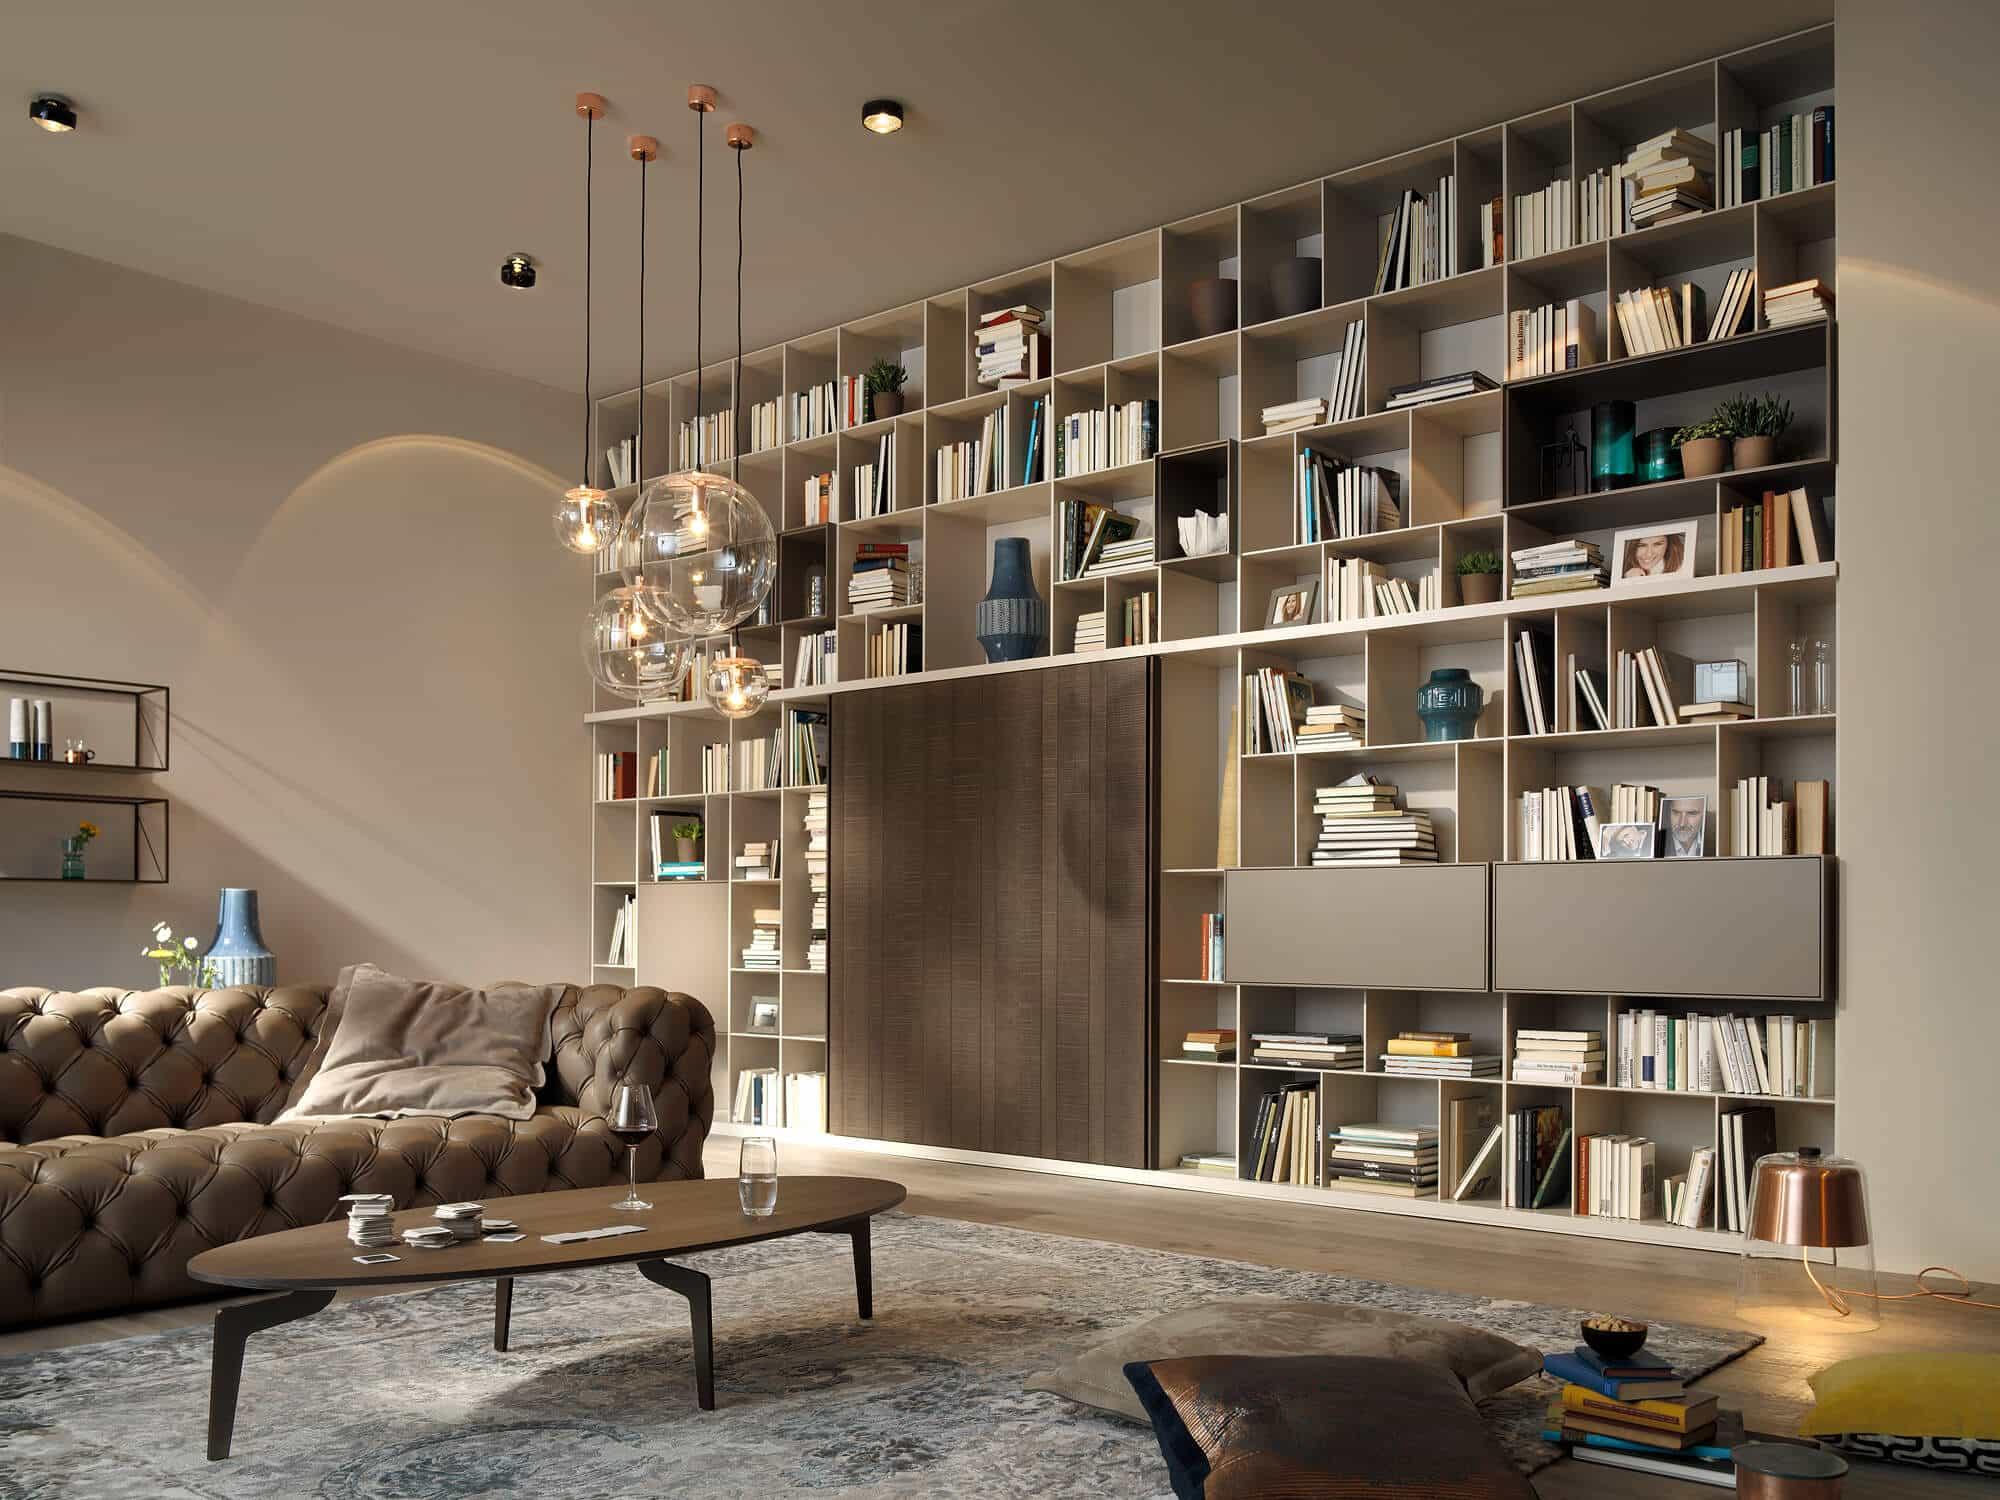 Wohnzimmer planen - Eilmannsberger Rohrbach